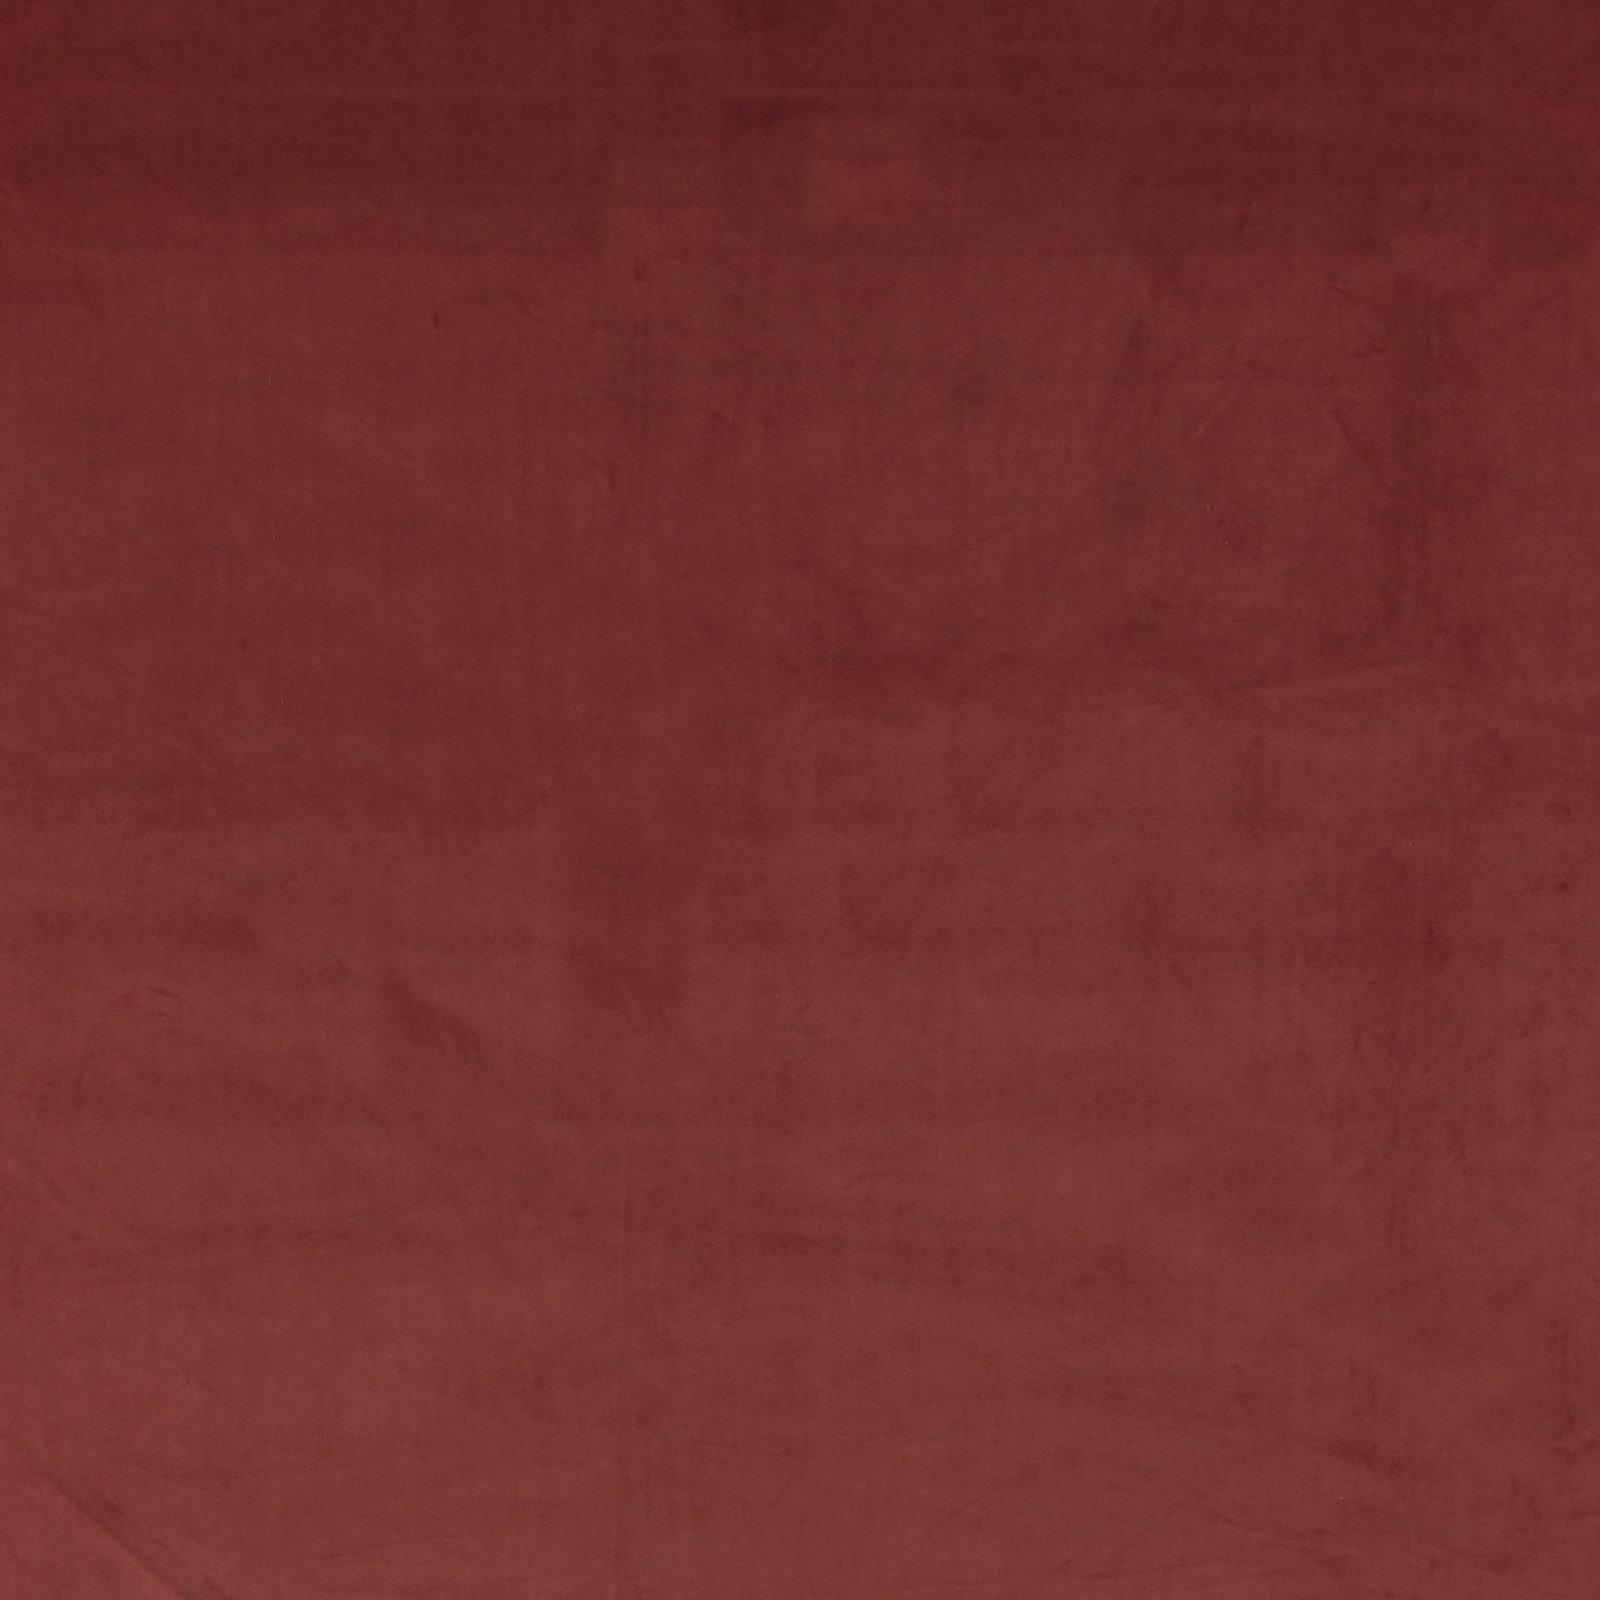 Upholstery shiny velvet rouge 823695_pack_solid